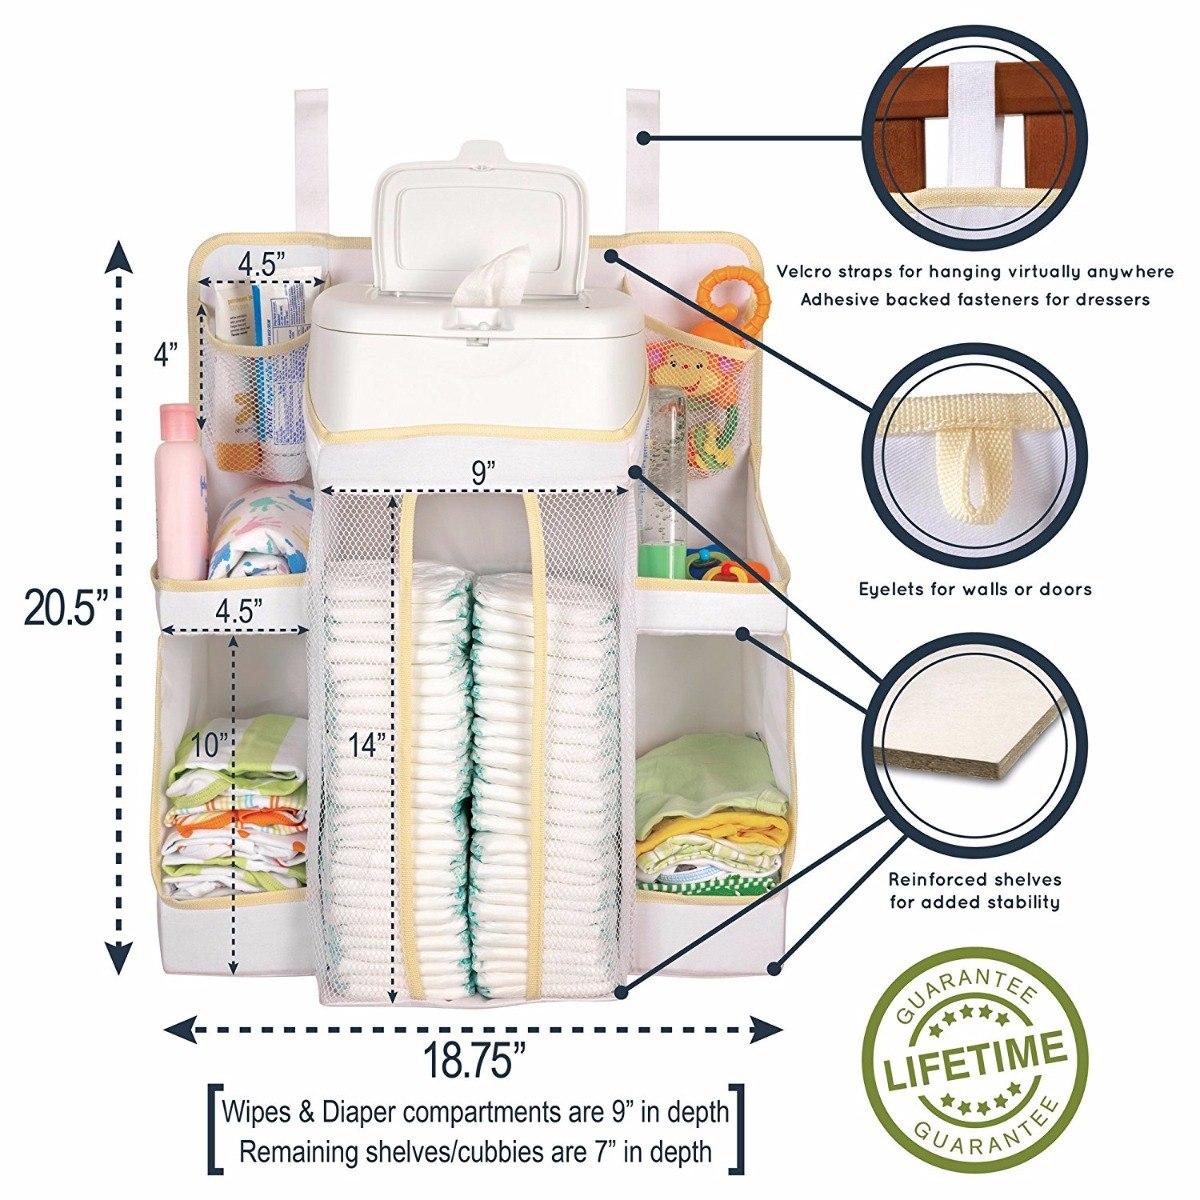 Organizador pa alero todo en uno para cuna cuarto de bebe en mercado libre - Organizador de cuna ...